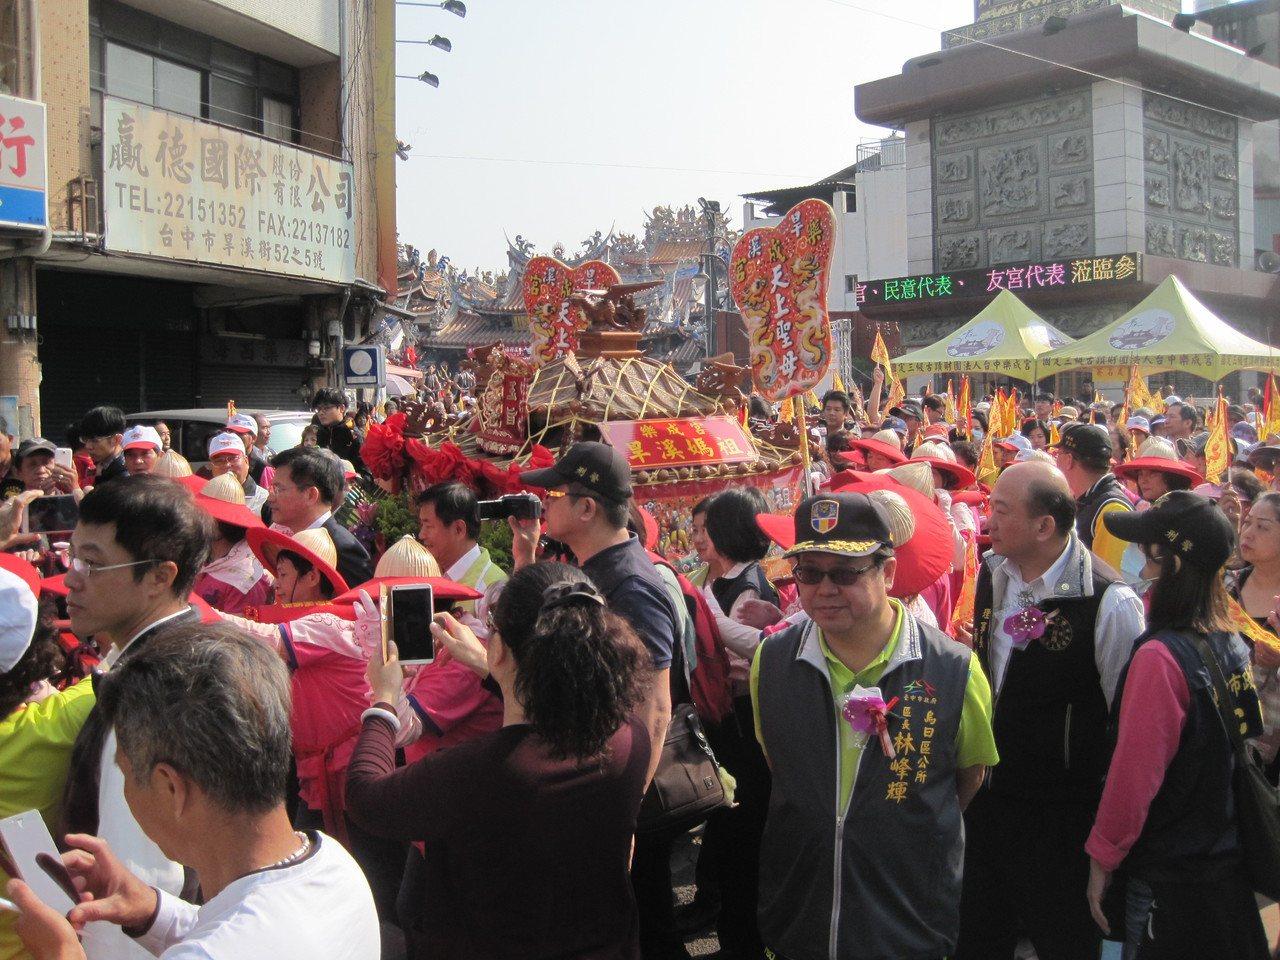 台中旱溪媽祖遶境,隊伍從廟前擠到大馬路。 記者游振昇/攝影